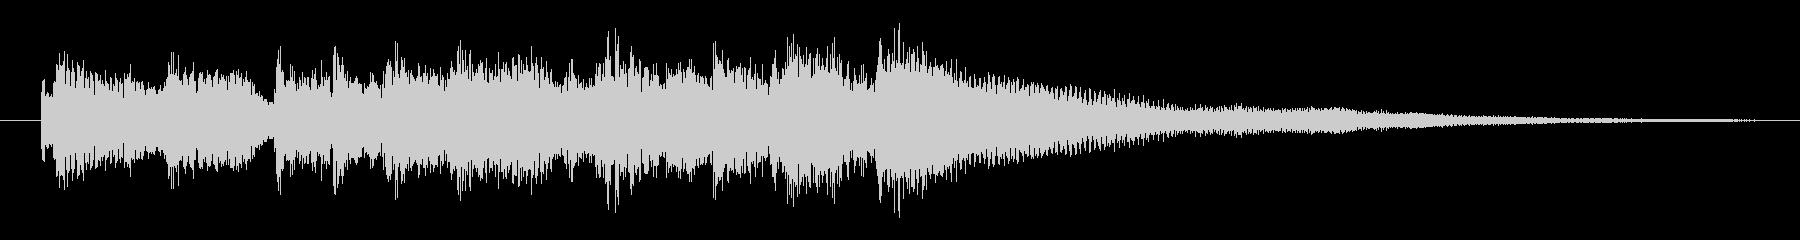 ブルージーなピアノジングル2の未再生の波形